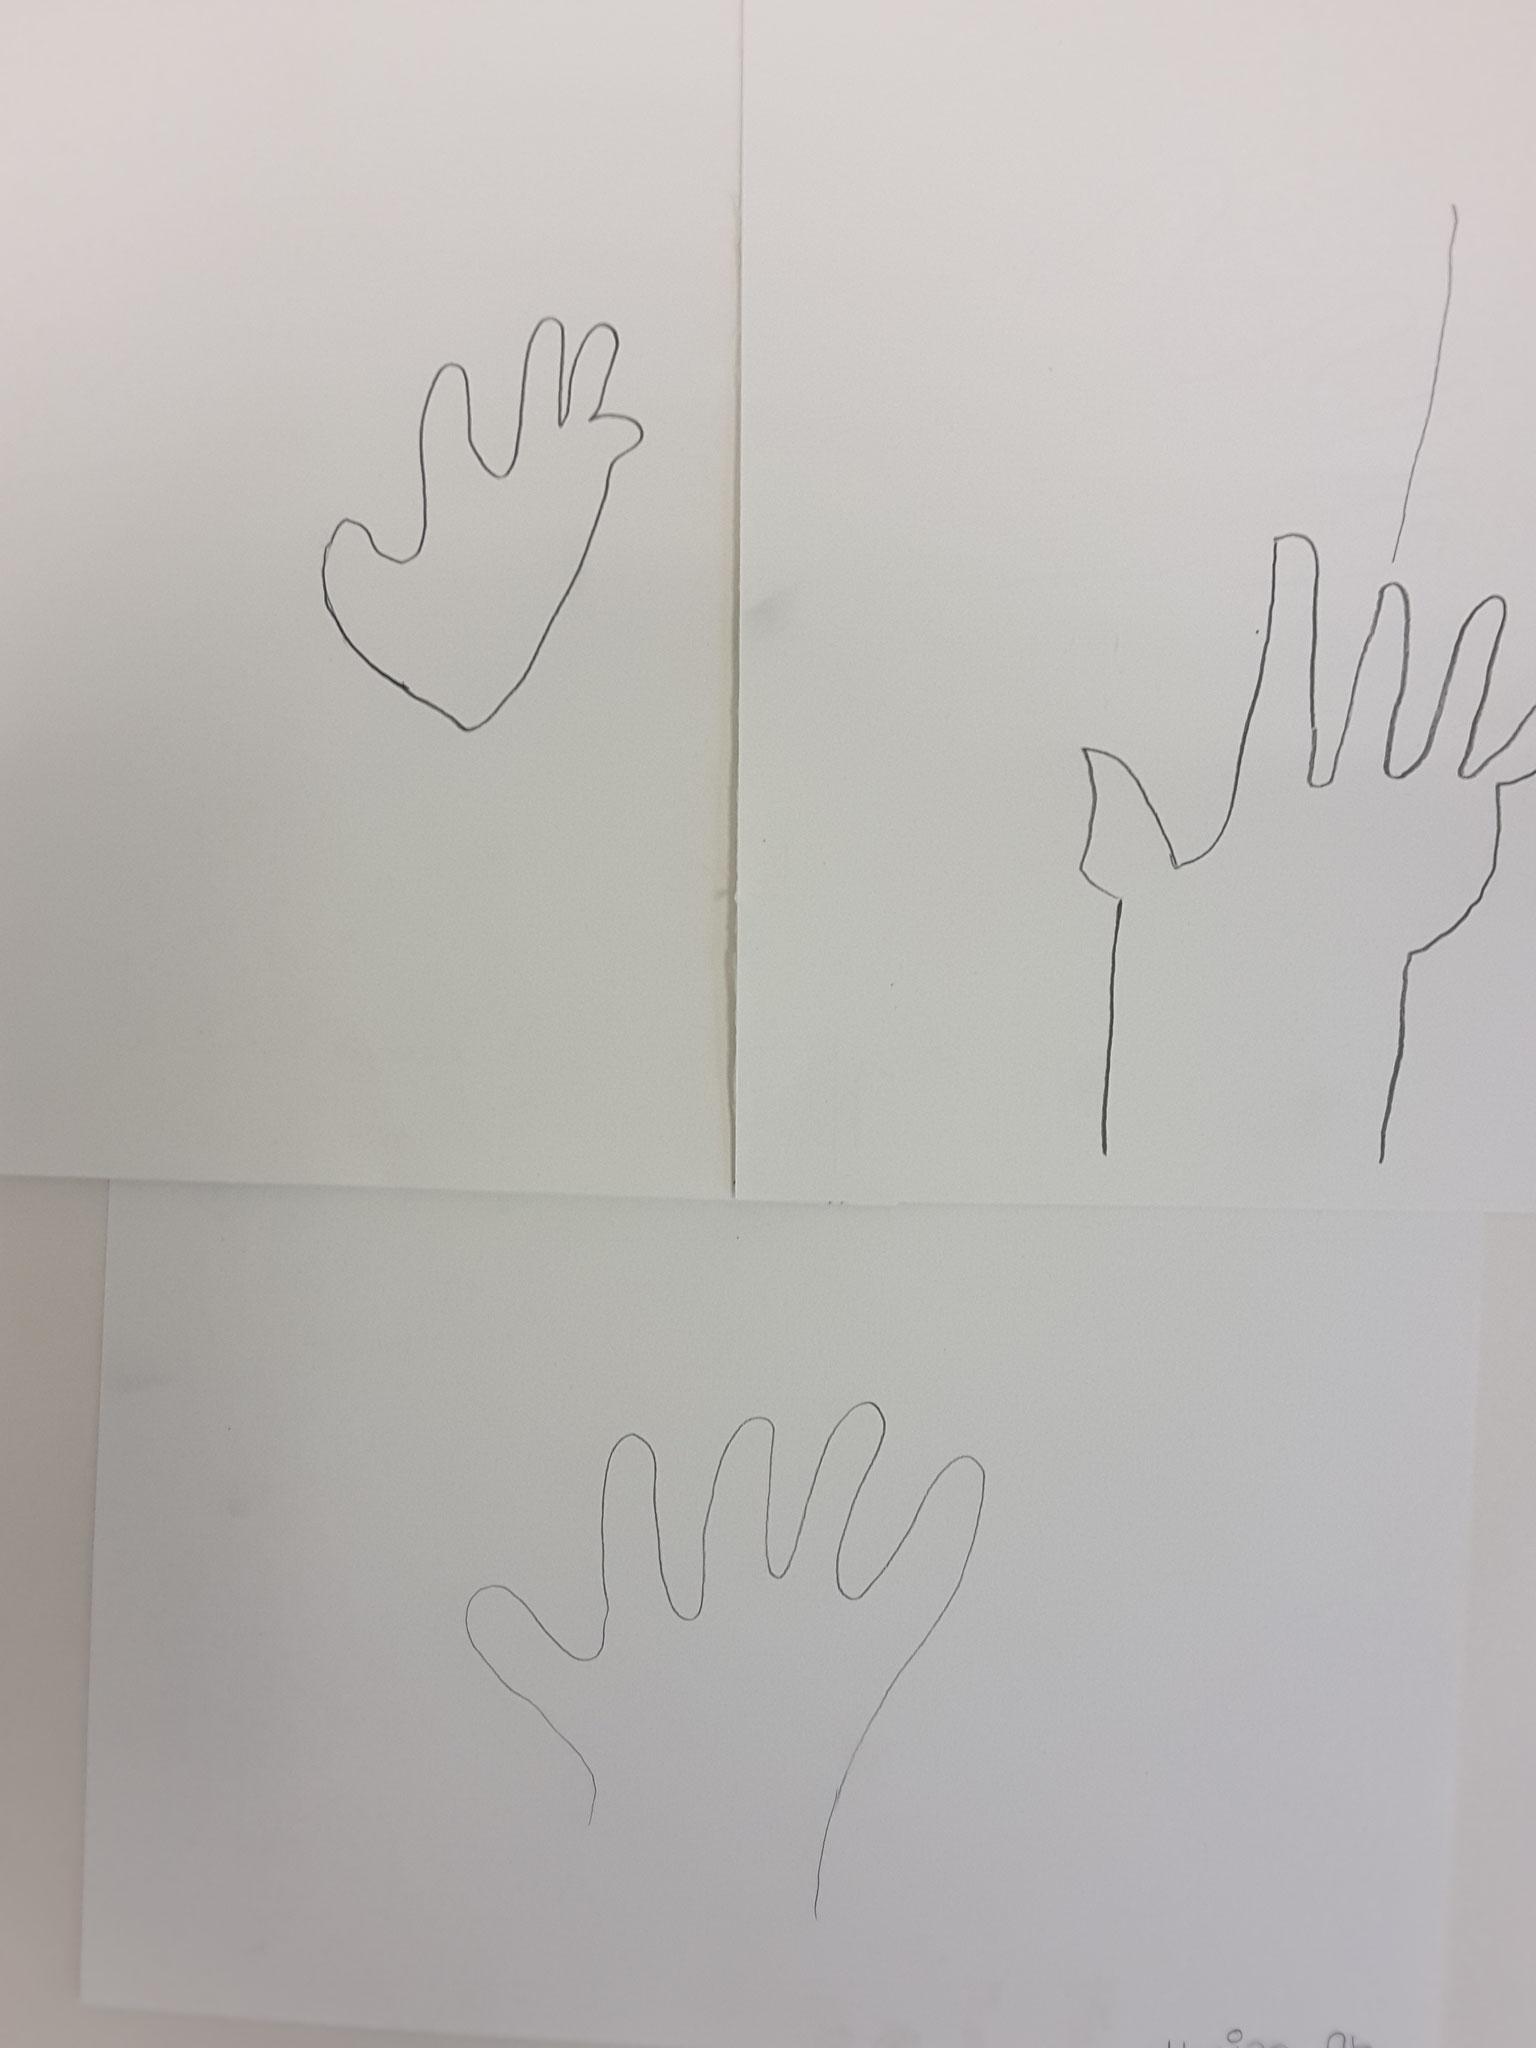 Meine Hand - blind gezeichnet